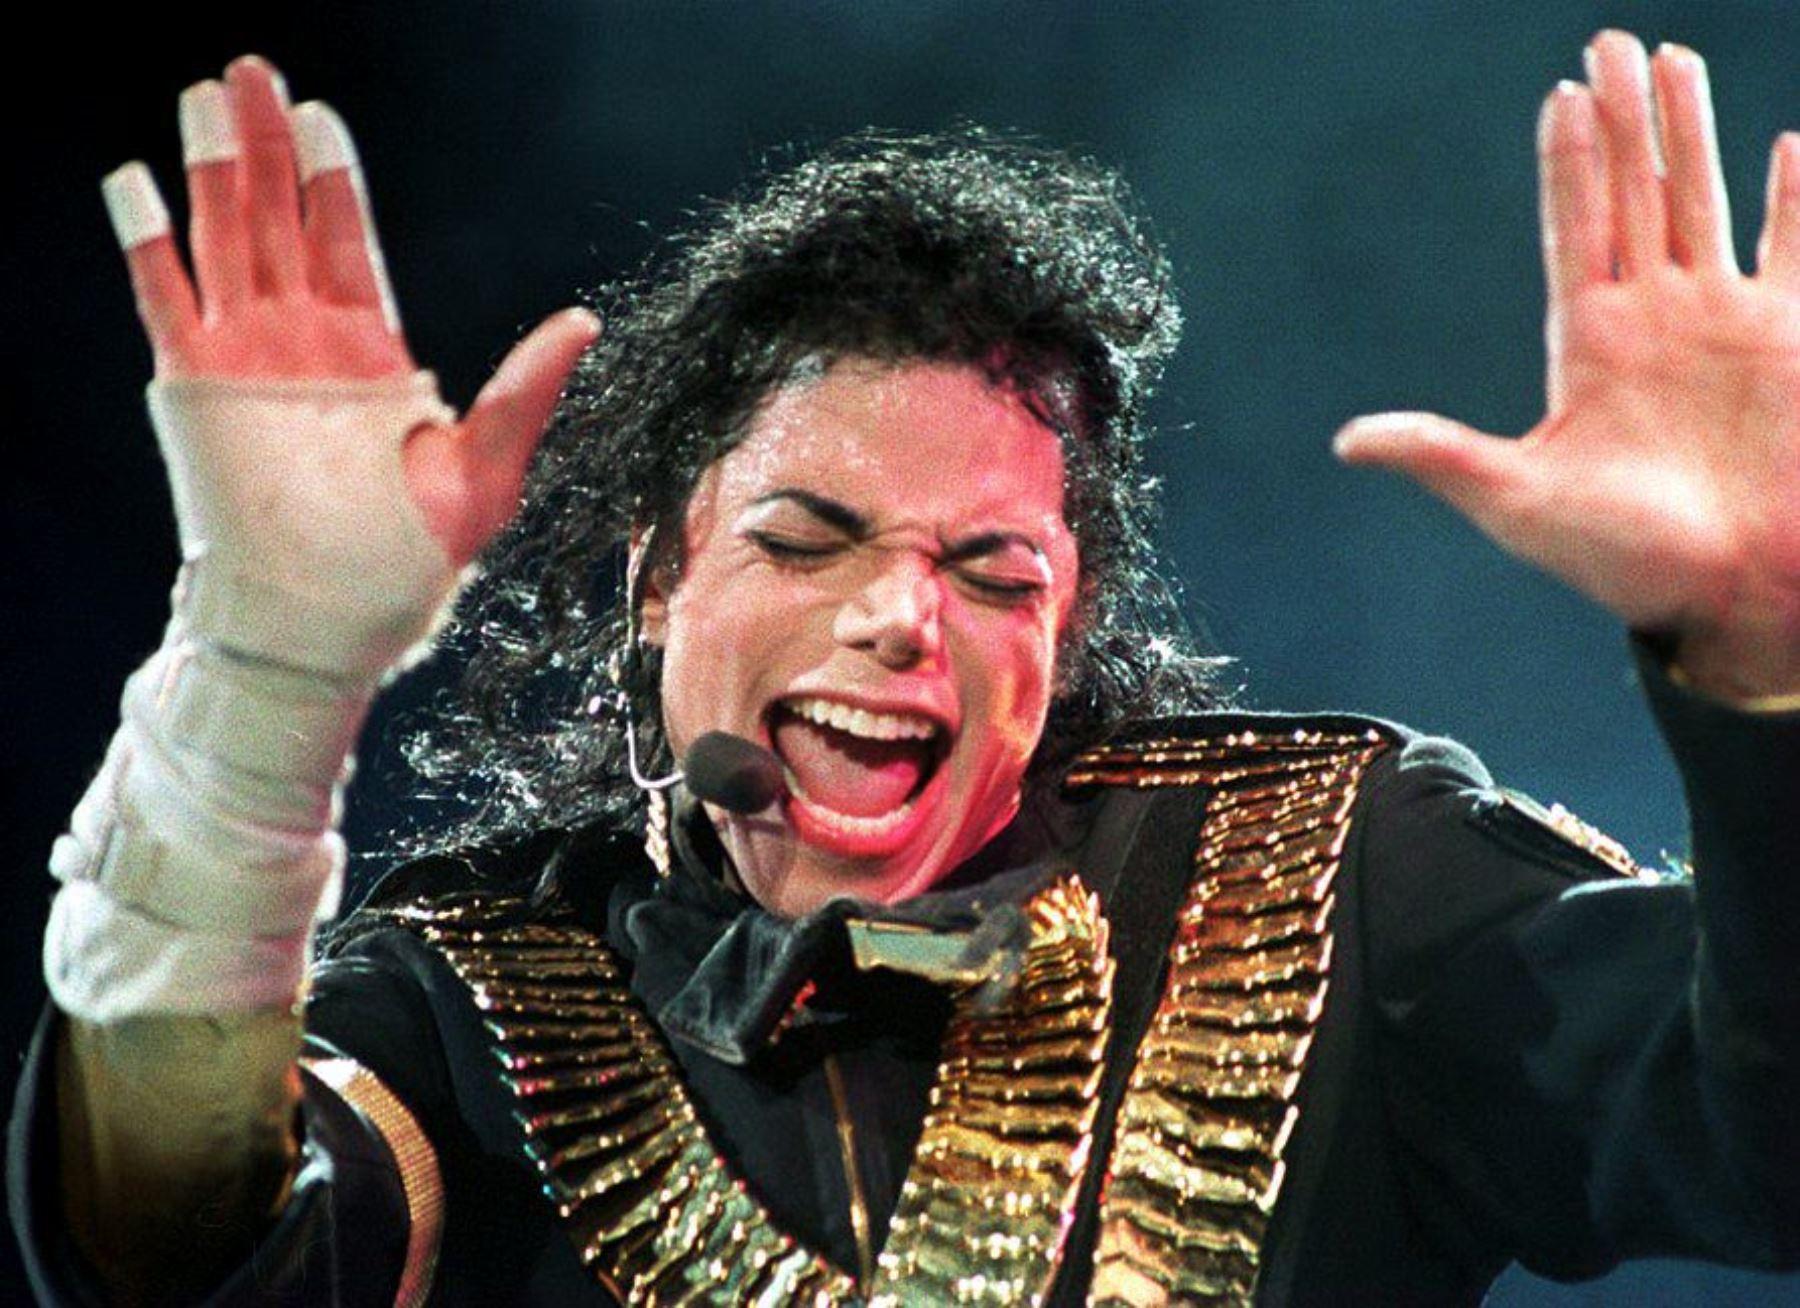 """Imagen del 01 de septiembre de 1993 tomada en Singapur que muestra a la estrella de pop estadounidense Michael Jackson actuando durante su gira """"Dangerous"""".Foto: AFP"""